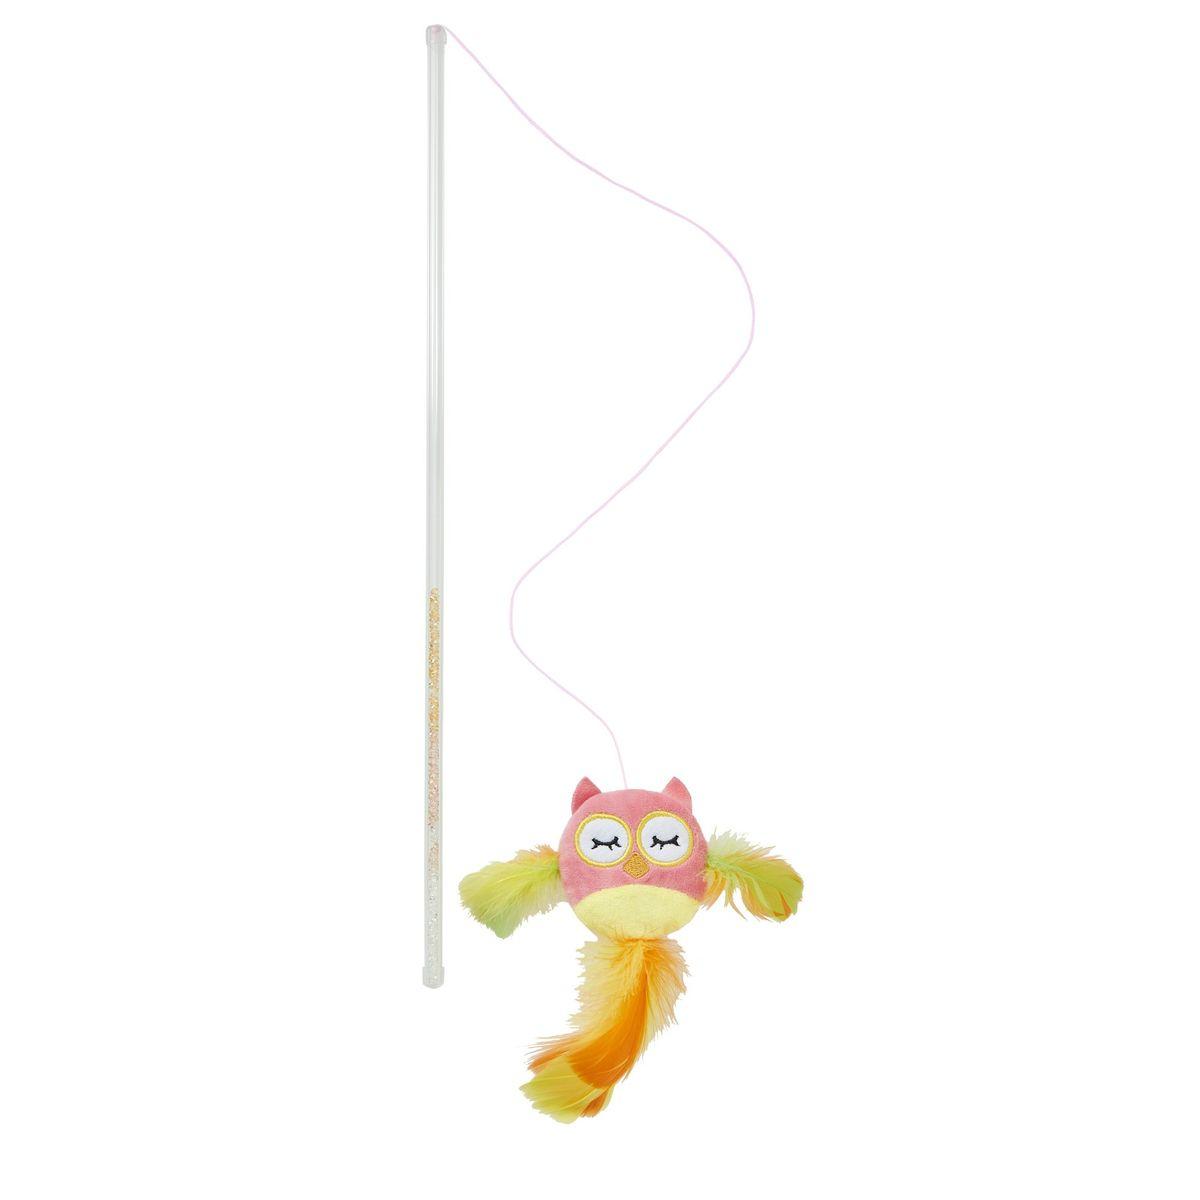 爆買いセール ラトル入り猫用ワンドトイ 本能を刺激する本物の羽付き FAD+ 国内在庫 フェザーワンド ピンクオウル